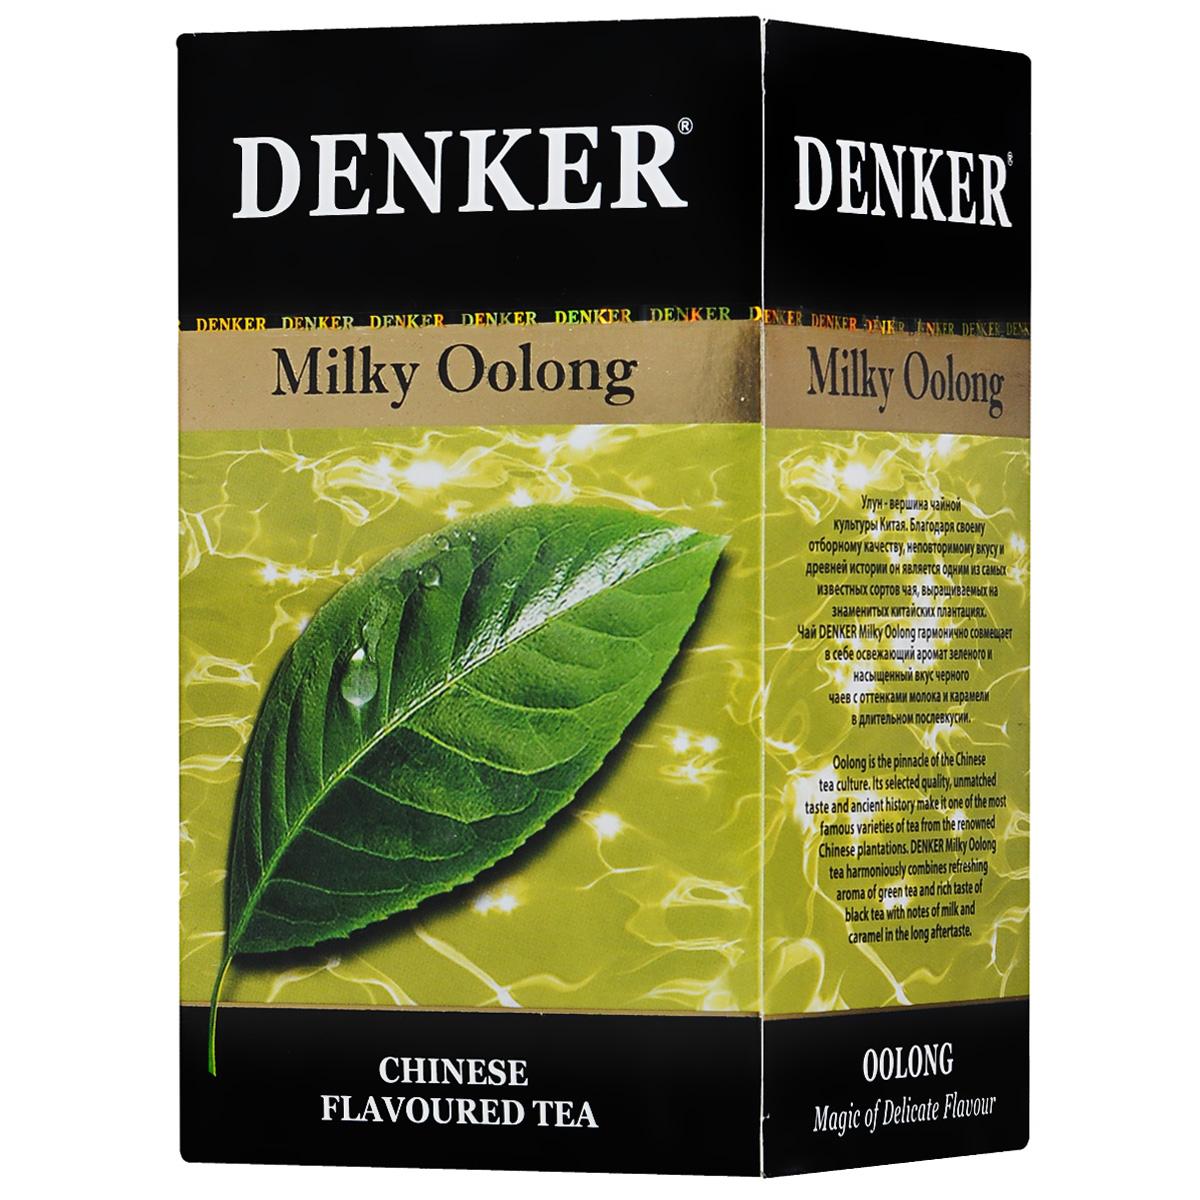 Denker Milky Oolong зеленый ароматизированный чай в пакетиках, 20 шт1080010Чай Denker Milky Oolong гармонично совмещает в себе освежающий аромат зеленого и насыщенный вкус черного чаев с оттенками молока и карамели в длительном послевкусии. Улун - вершина чайной культуры Китая. Благодаря своему отборному качеству, неповторимому вкусу и древней истории он является одним из самых известных сортов чая, выращиваемых на знаменитых китайских плантациях.